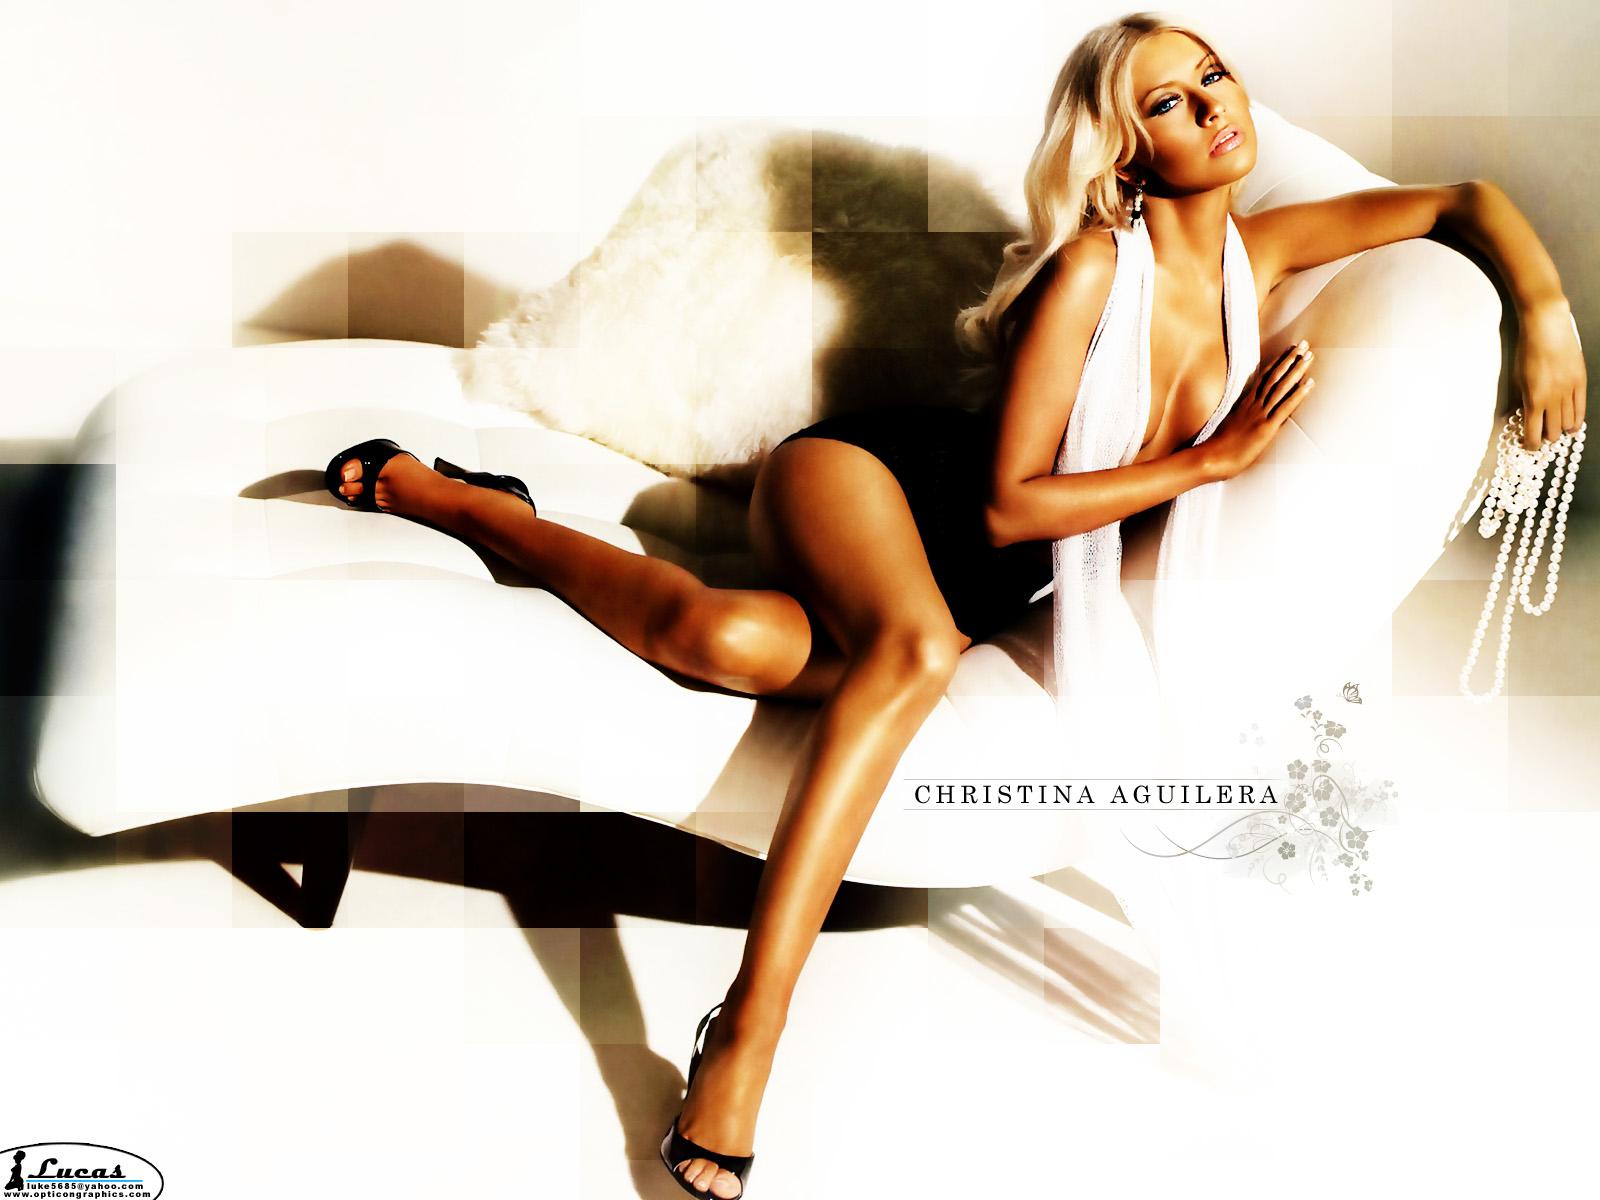 http://2.bp.blogspot.com/-yTf-xeUmloo/TvxDzF4cKLI/AAAAAAAAA8I/Xopwjp8SRLE/s1600/Photo+Sexy+Christina+Aguilera.jpg